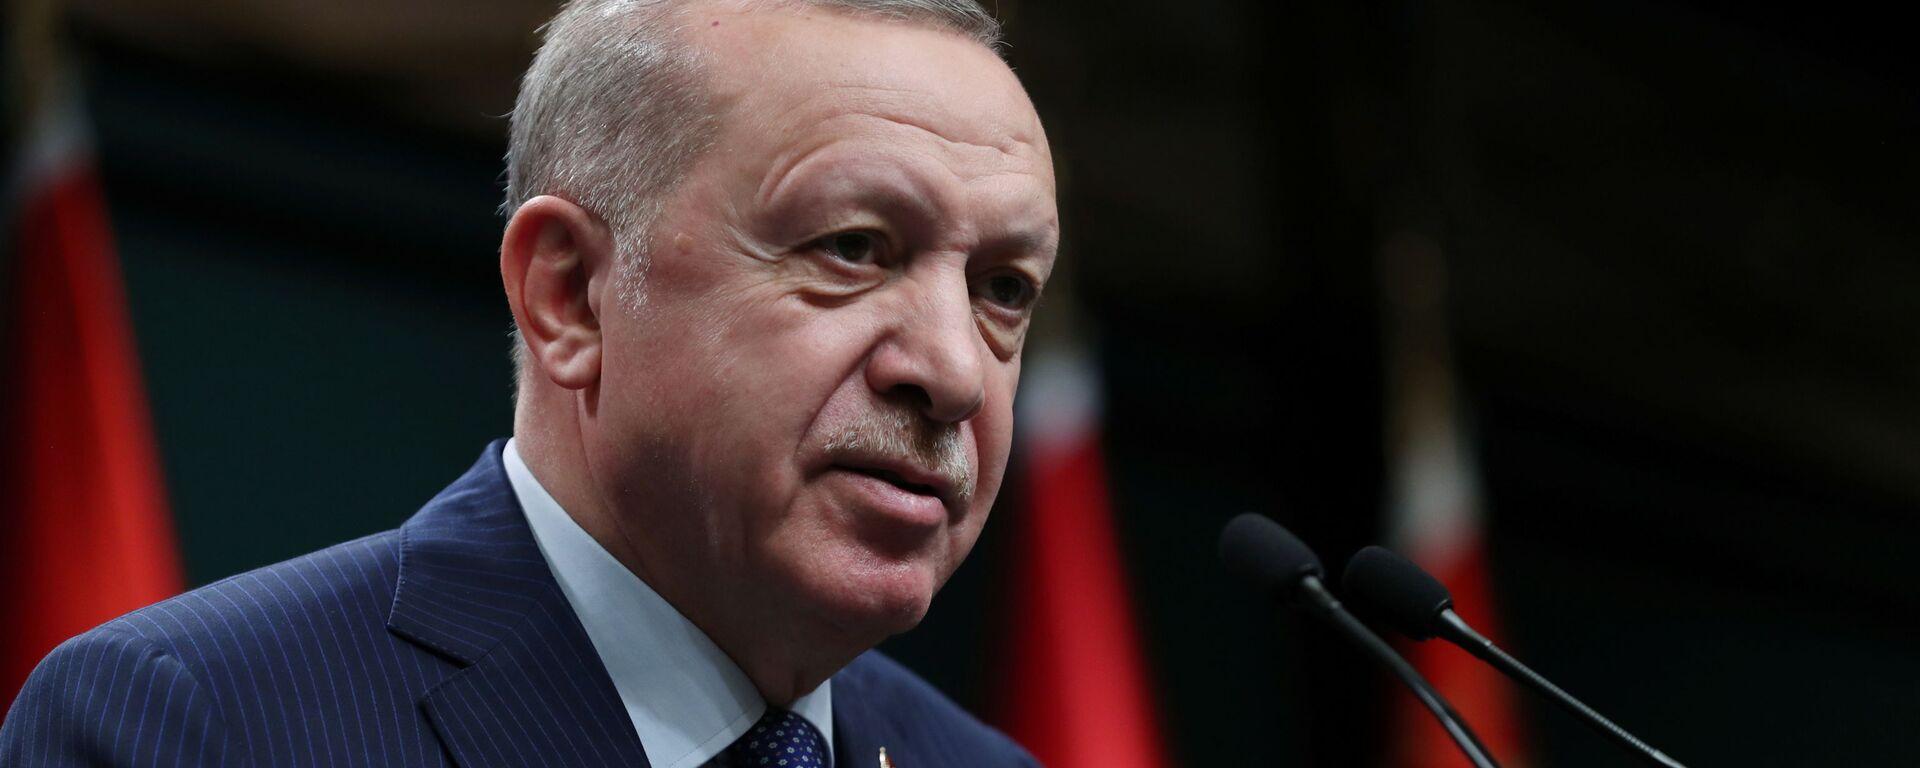 Президент Турции Реджеп Тайип Эрдоган во время выступления перед членами своей партии - Sputnik Česká republika, 1920, 15.08.2021